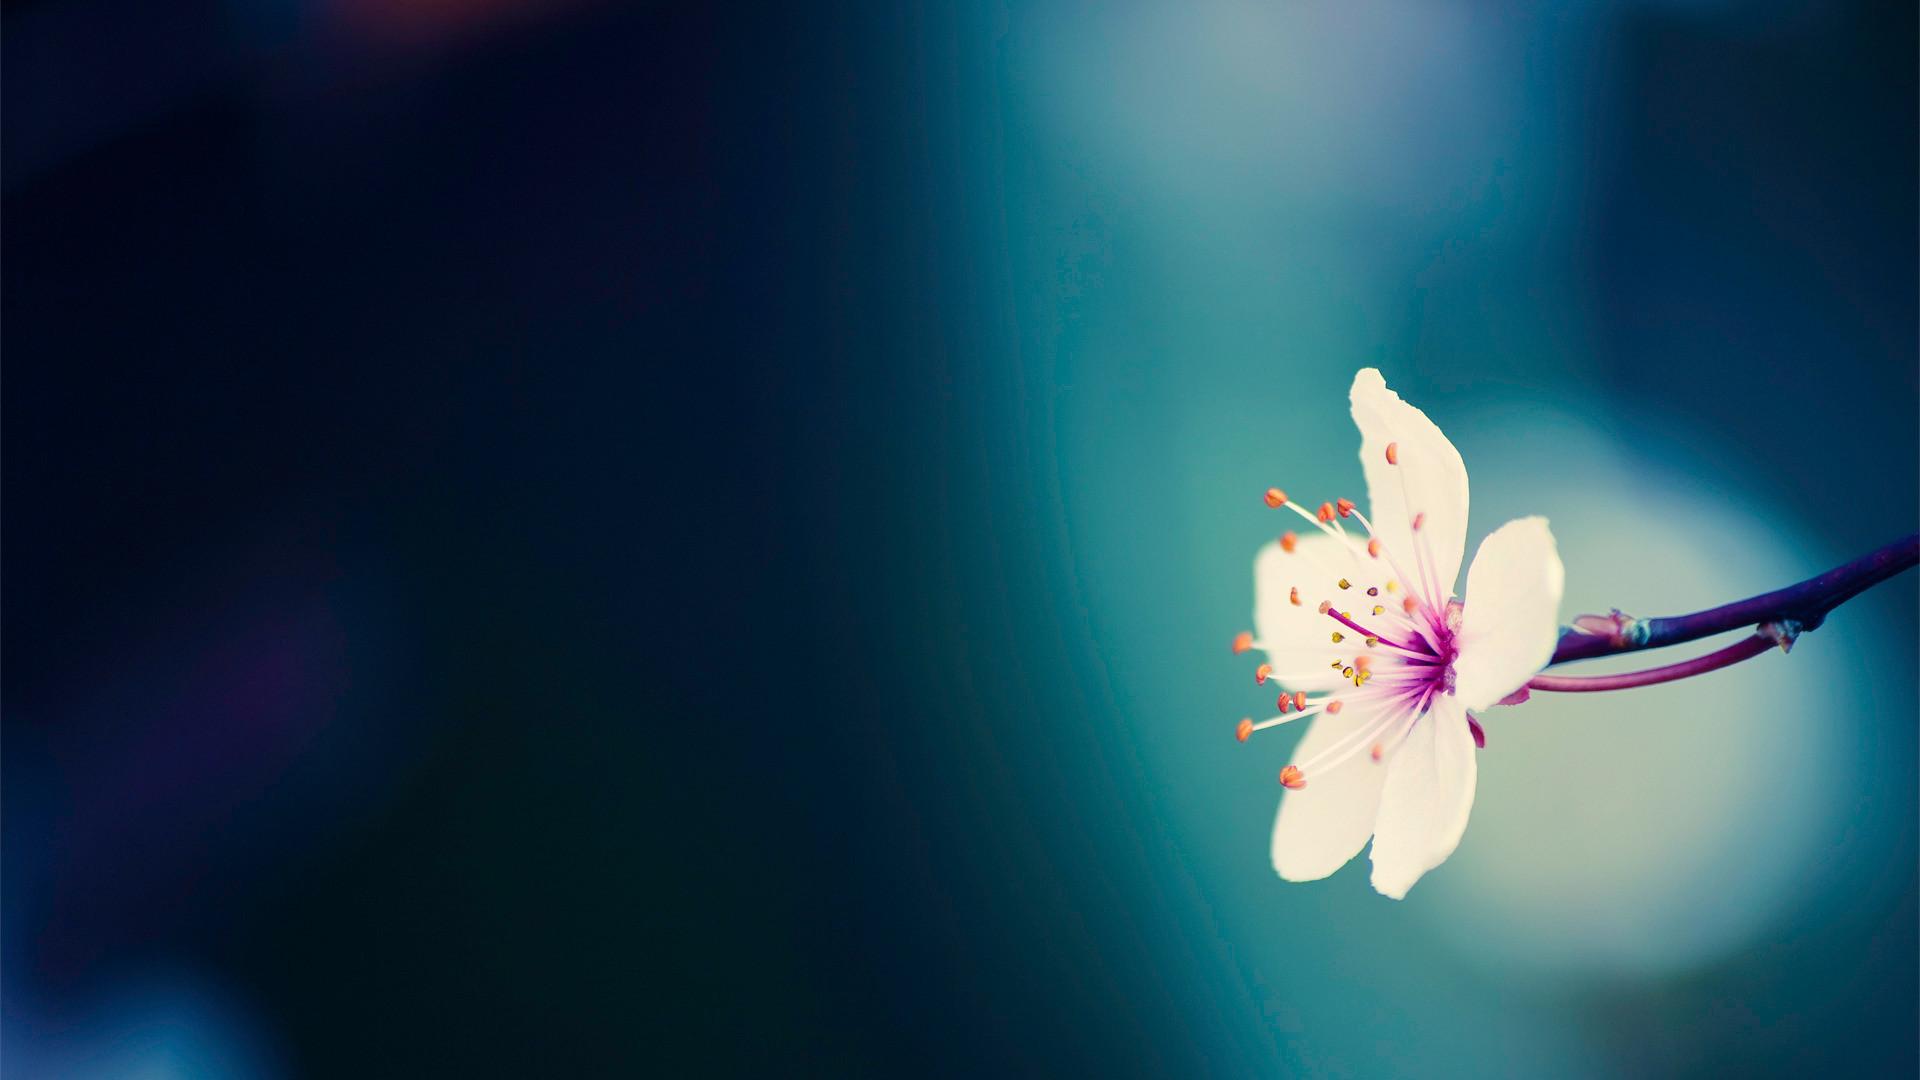 Cherry-blossom-flower-wallpapers.jpg (1920×1080)